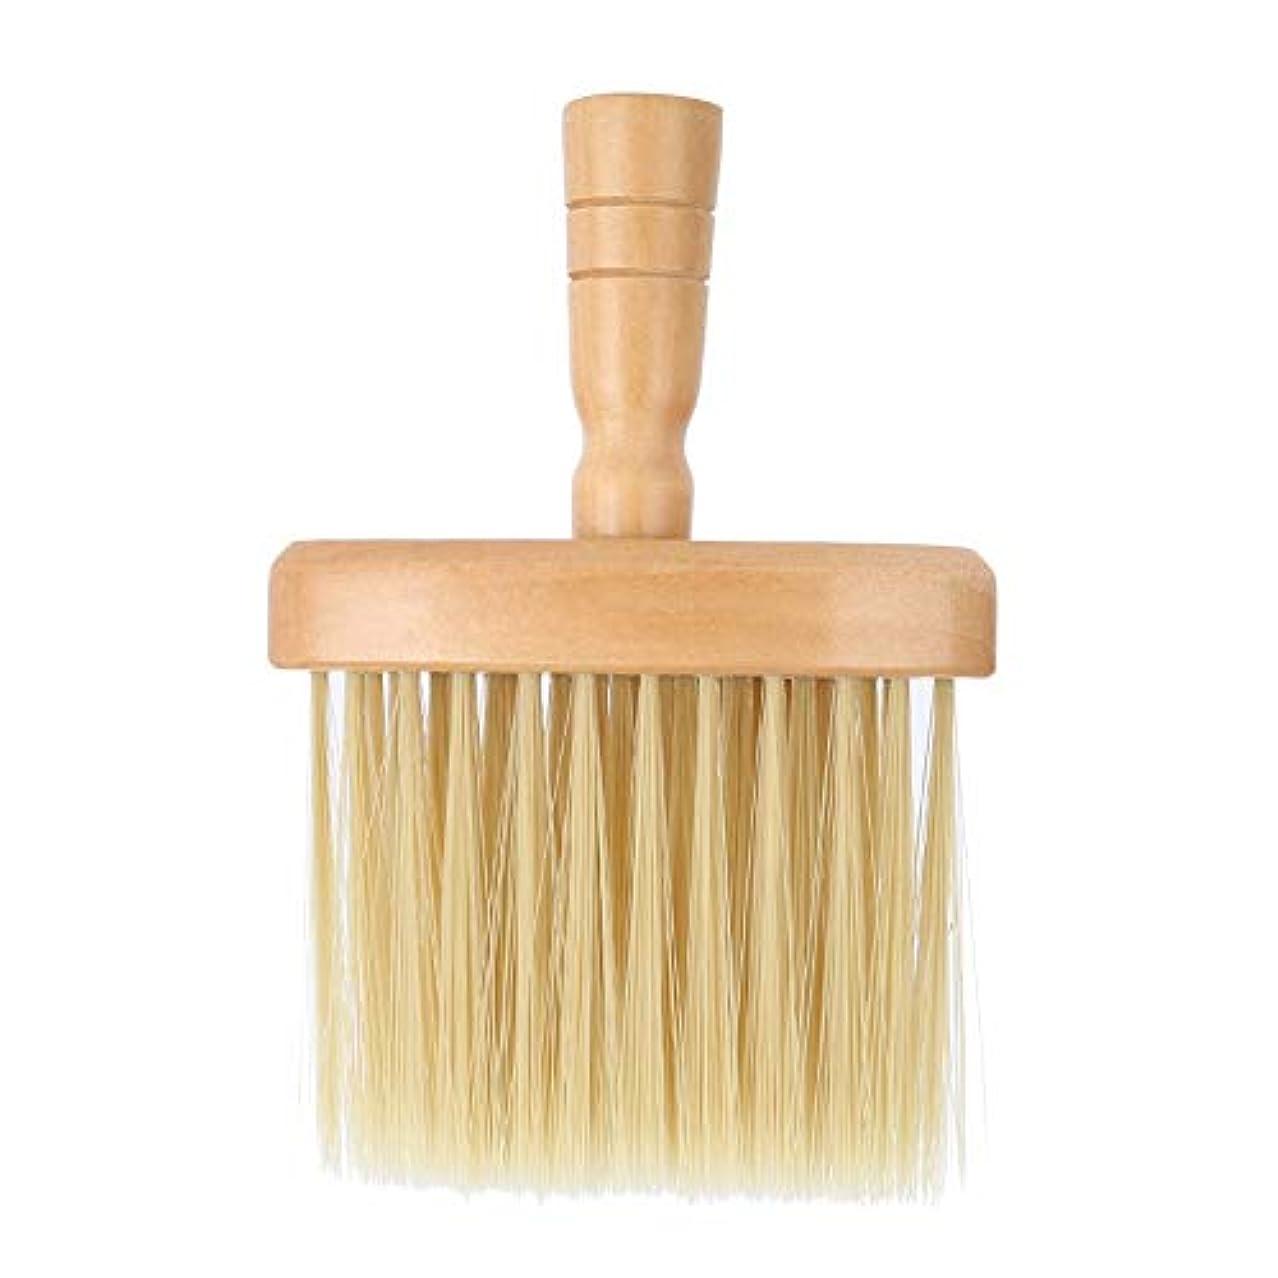 評価嫉妬症状ヘアカットブラシネックフェイスダスターブラシサロンヘアクリーニング木製掃除ブラシヘアカット理髪ツール